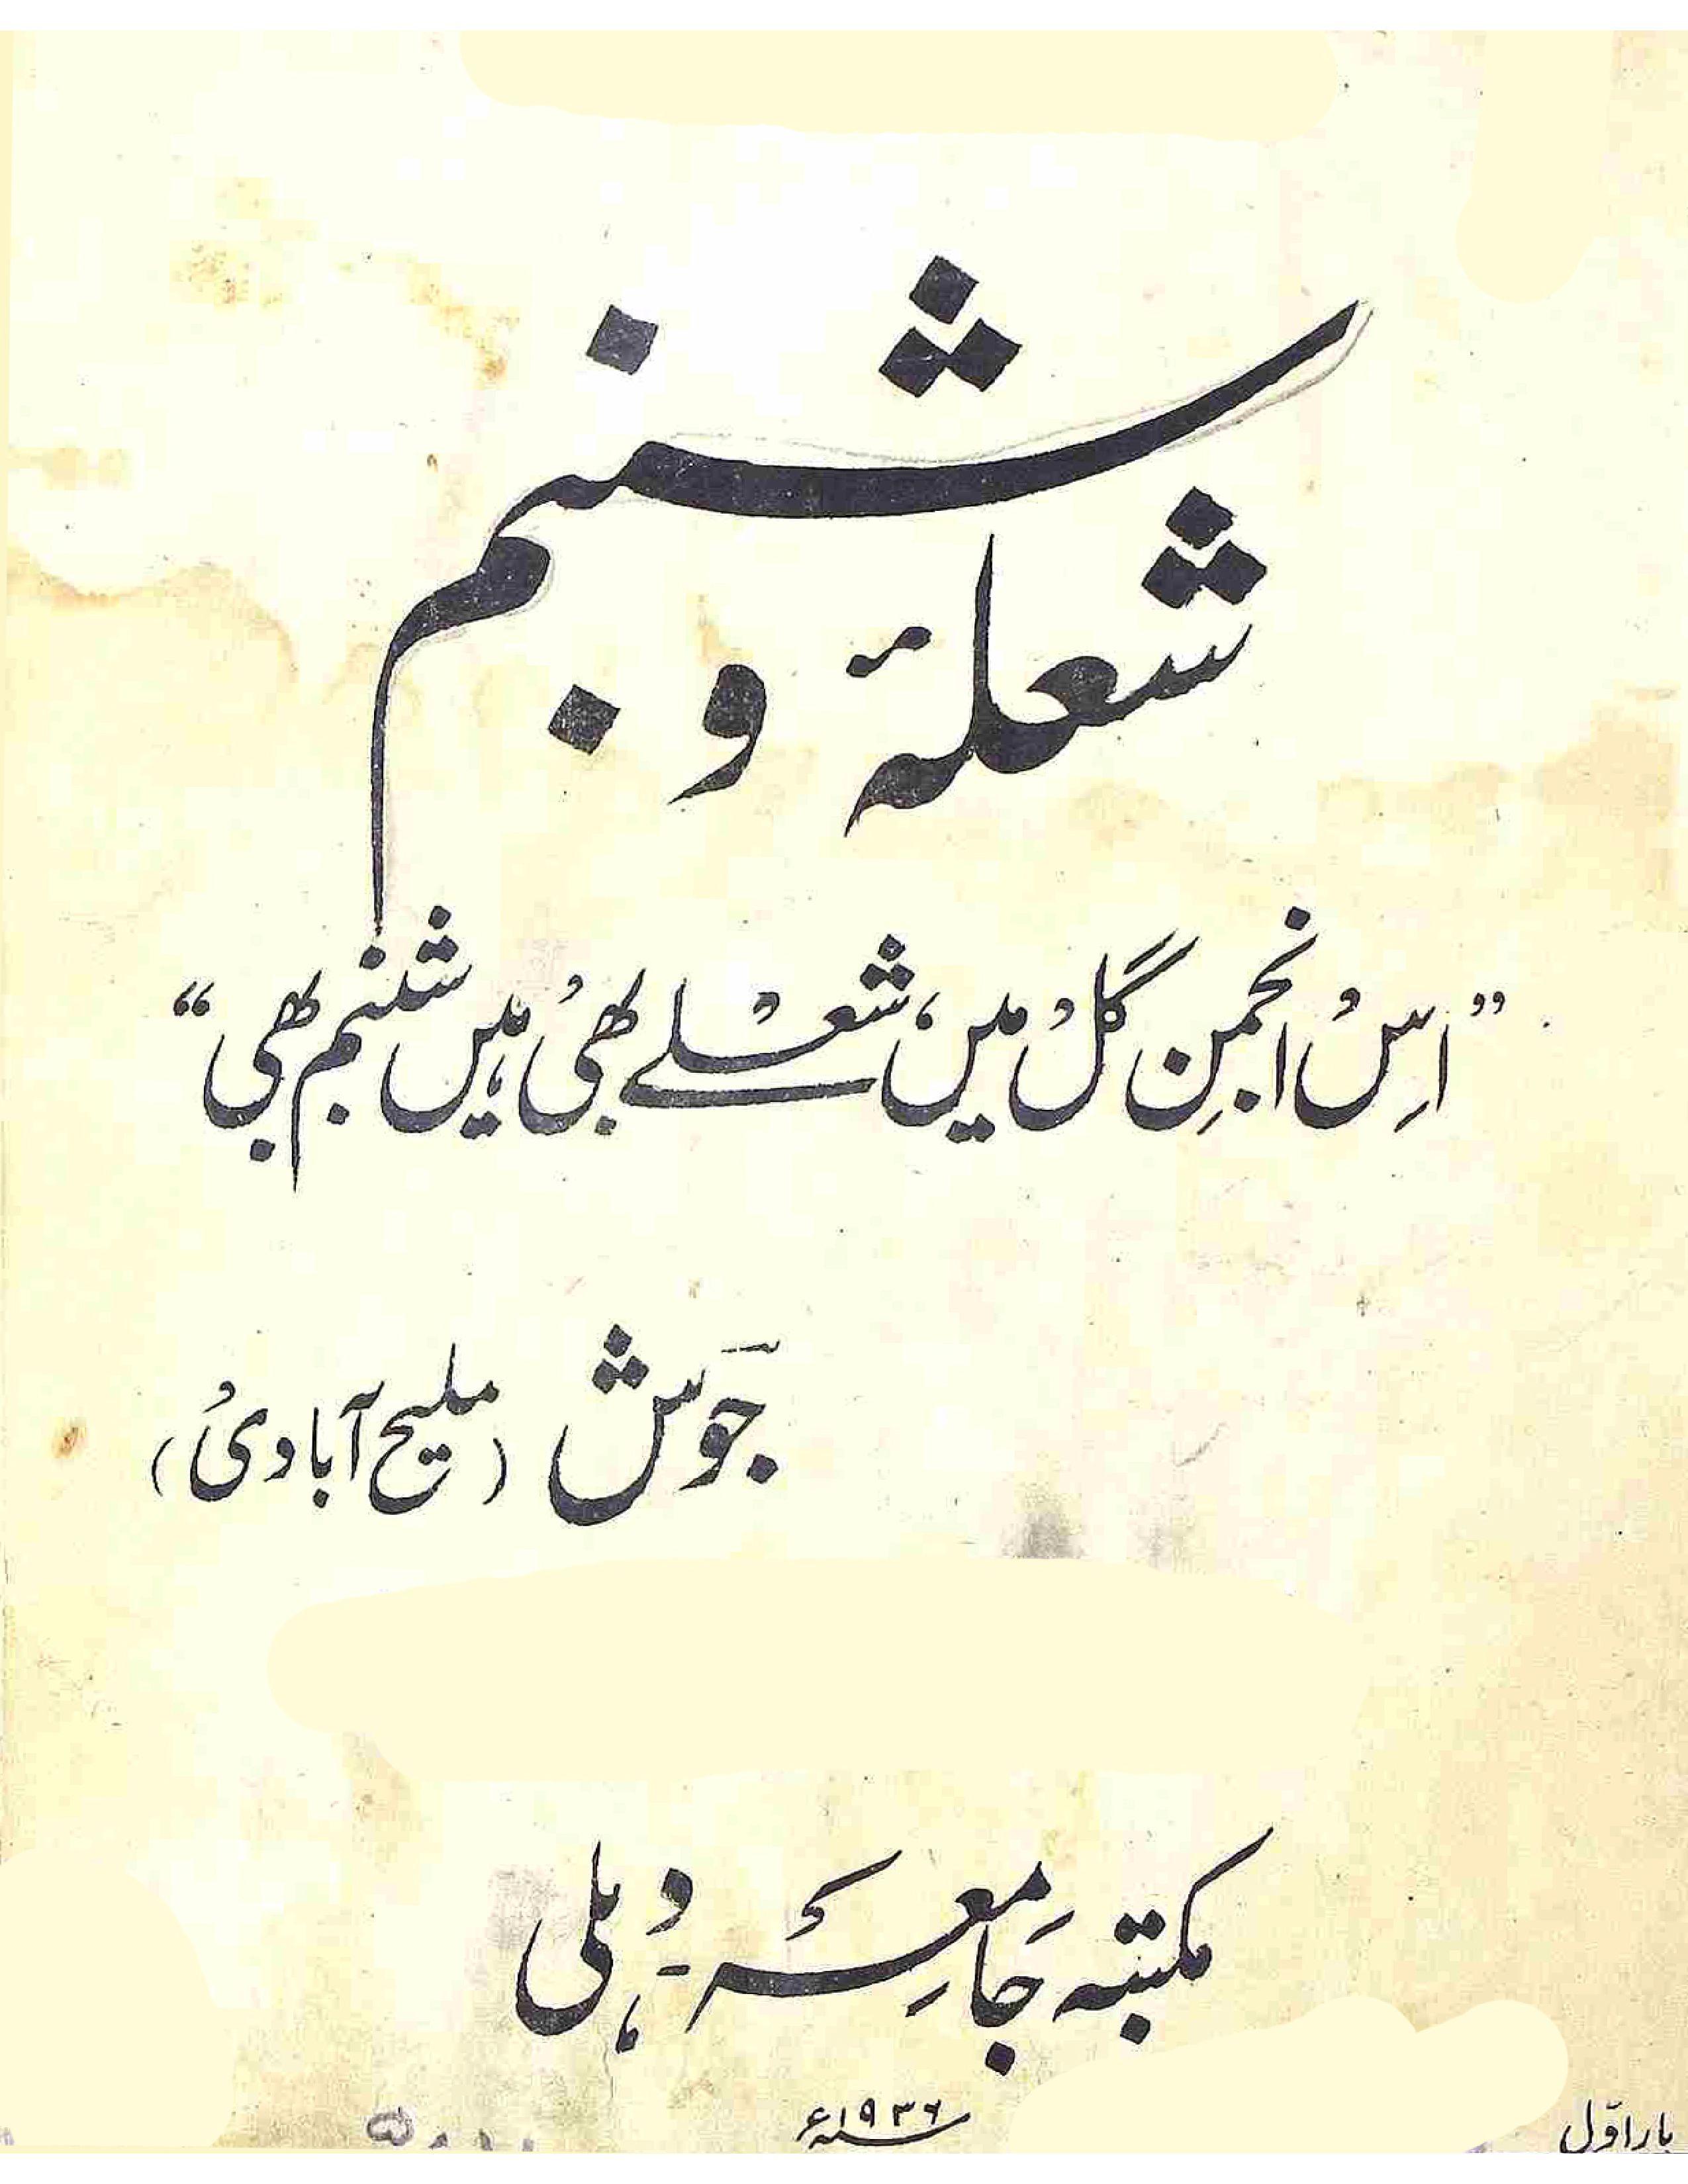 Shola-o-Shabnam